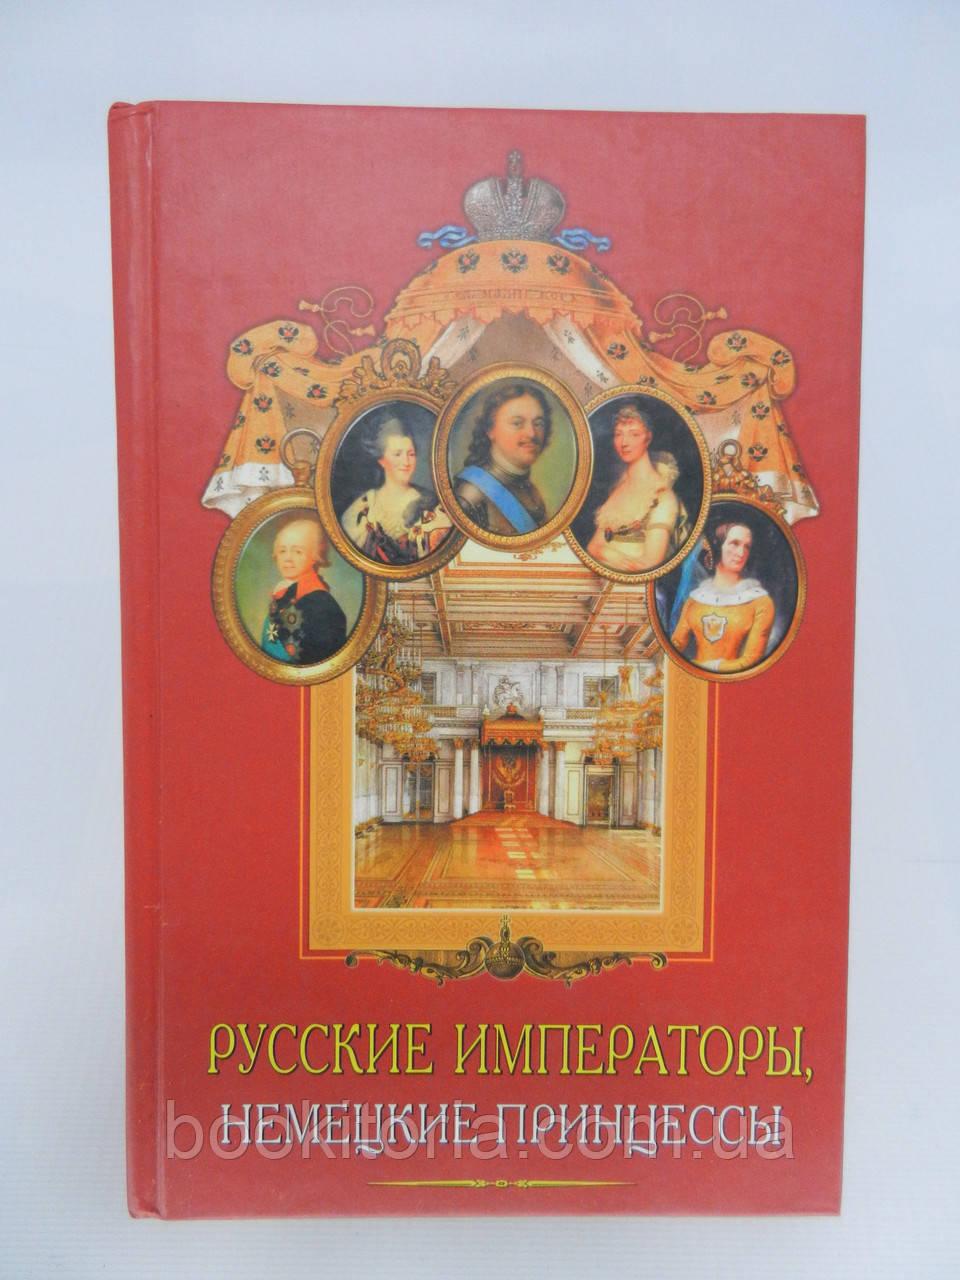 Данилова А. Русские императоры, немецкие принцессы. Династические связи, человеческие судьбы (б/у).